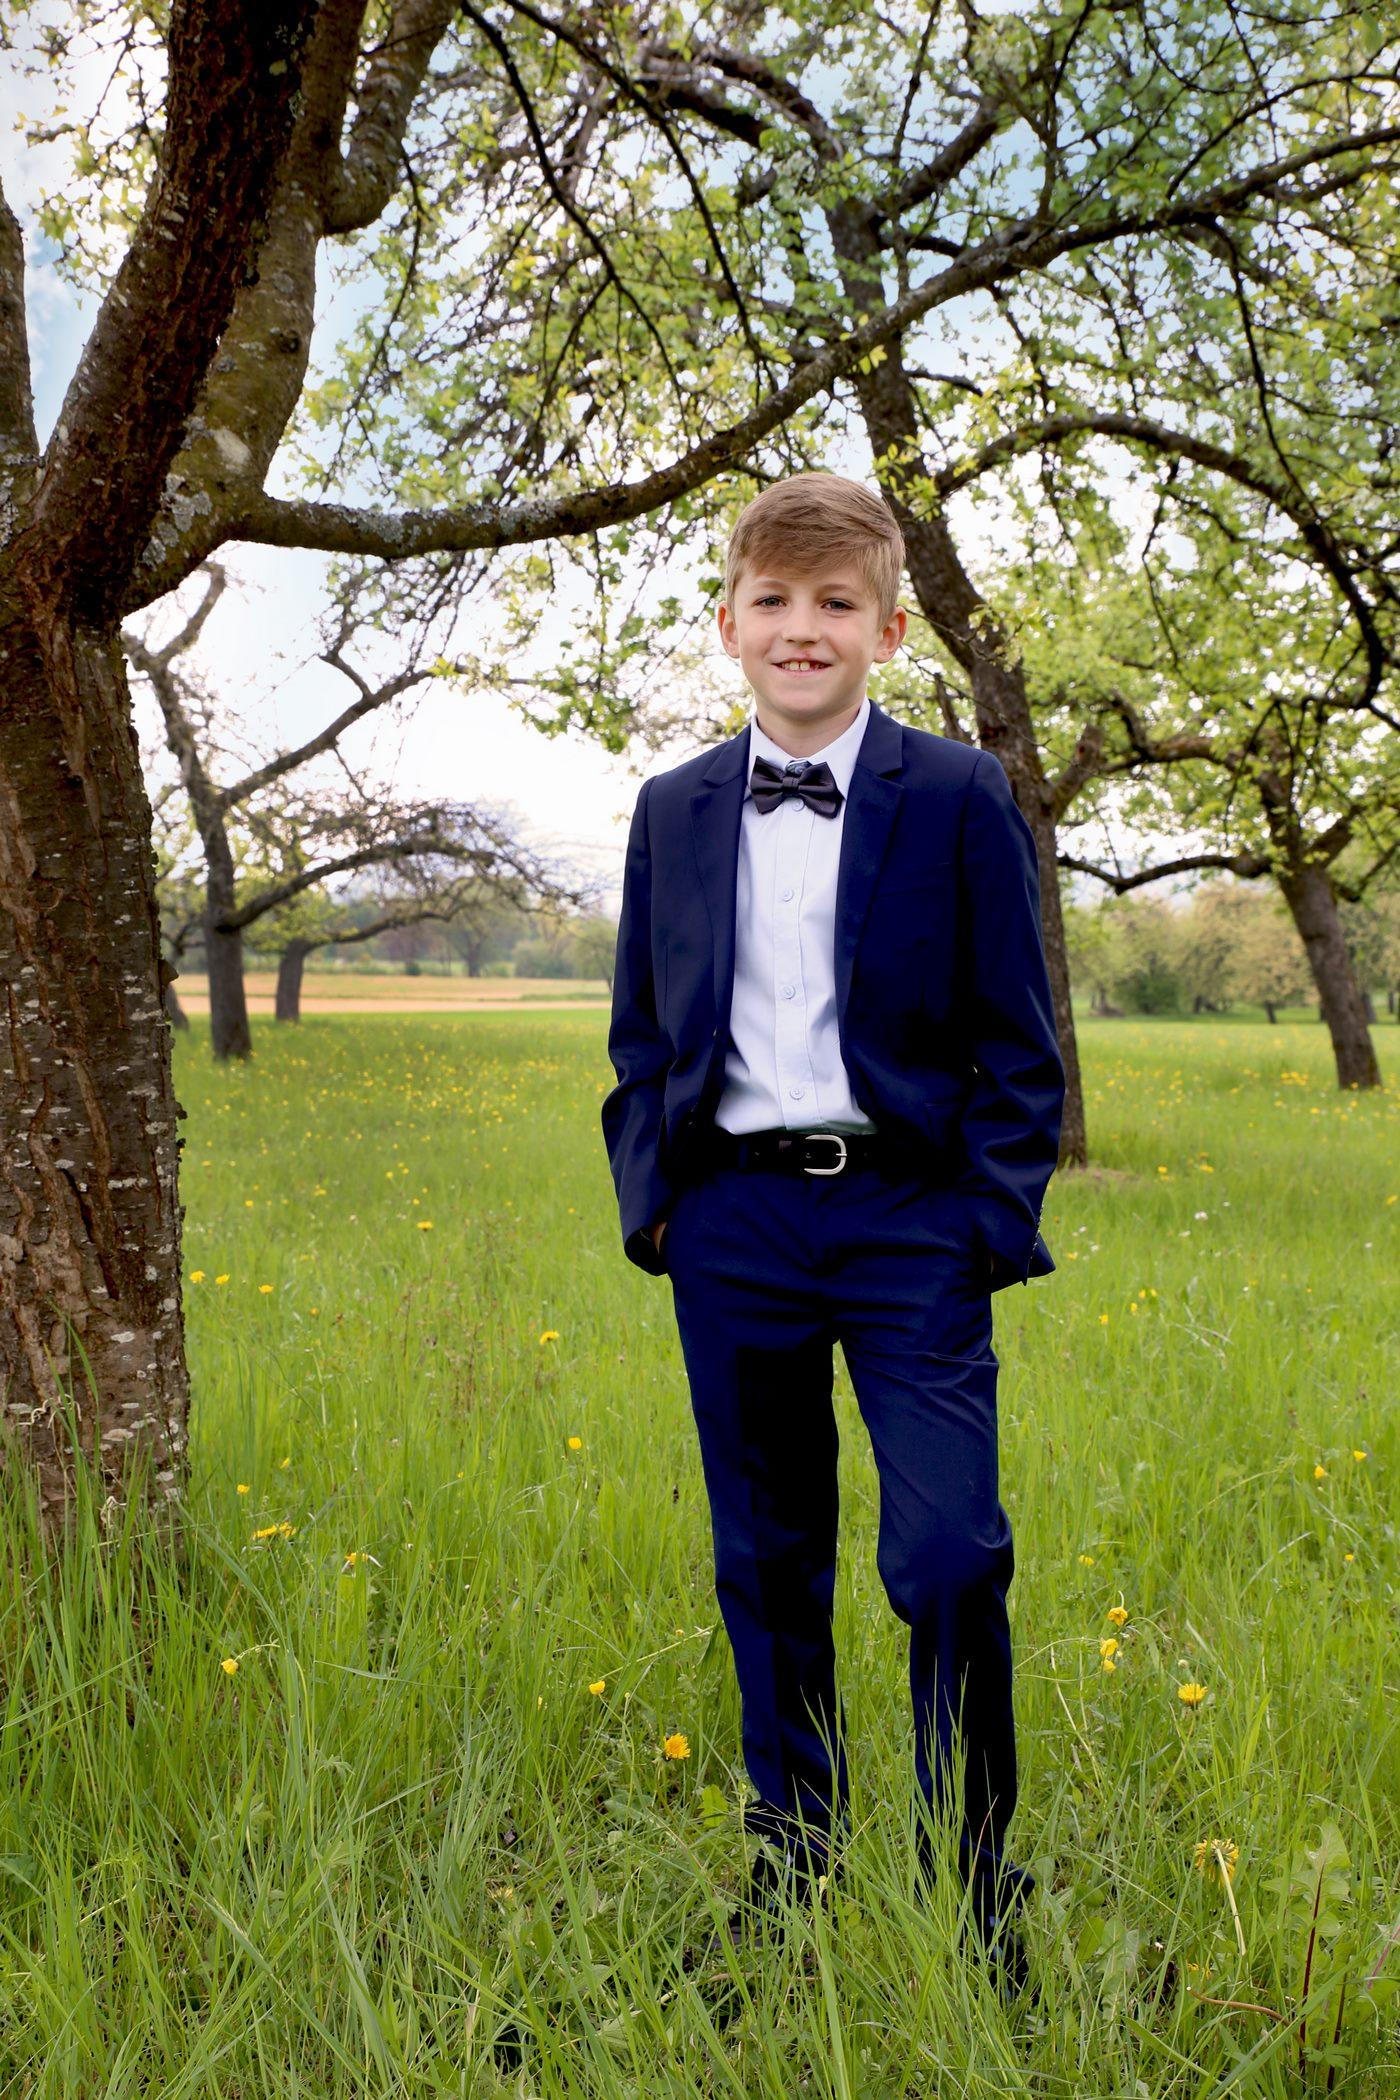 Junge am Baum bei seiner Kommunion unter einem Baum